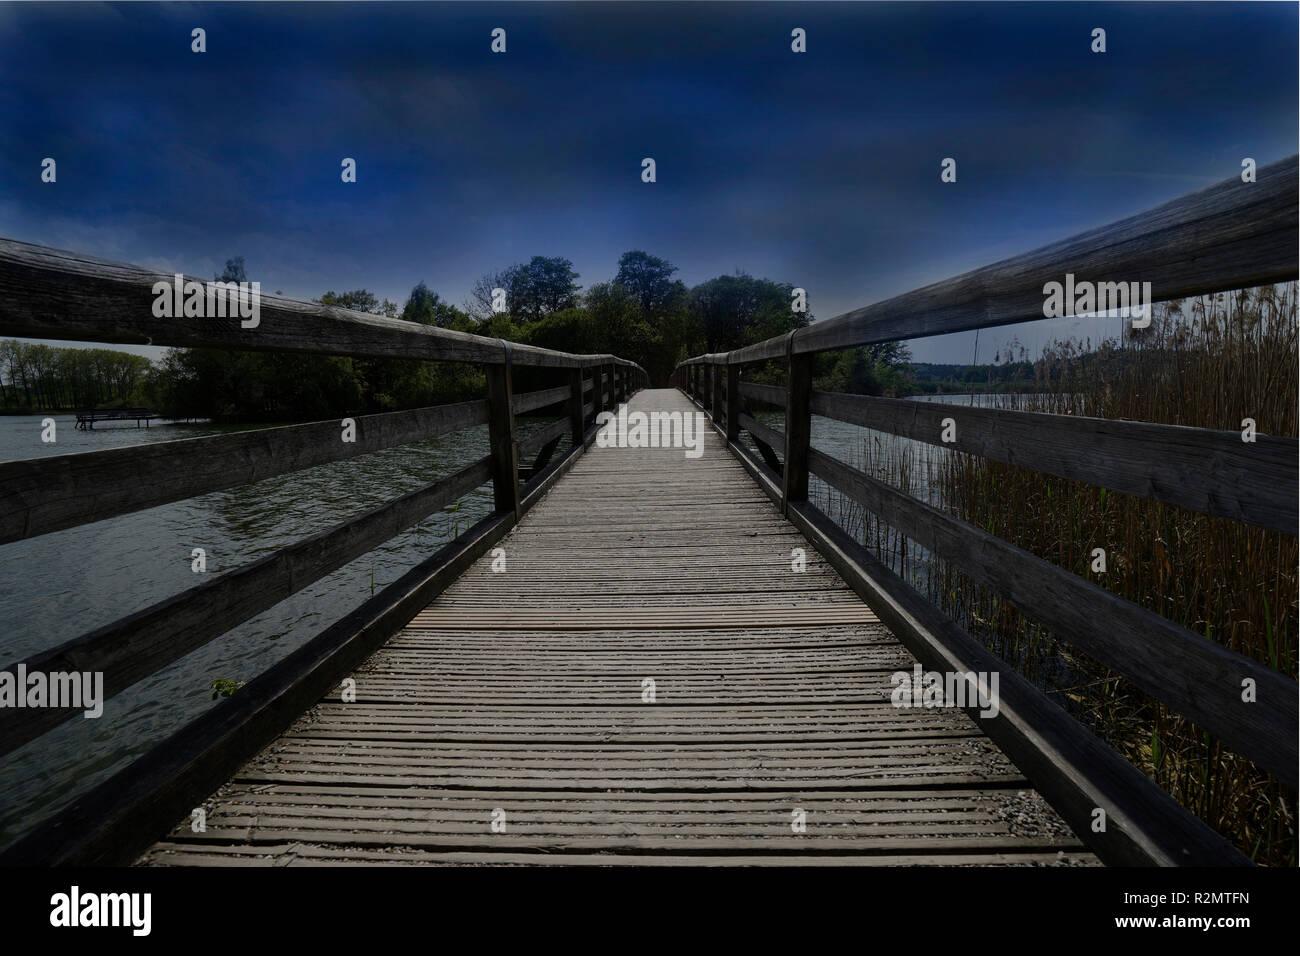 Pont en bois, passerelle, eaux, déserte, soir, sombre Photo Stock